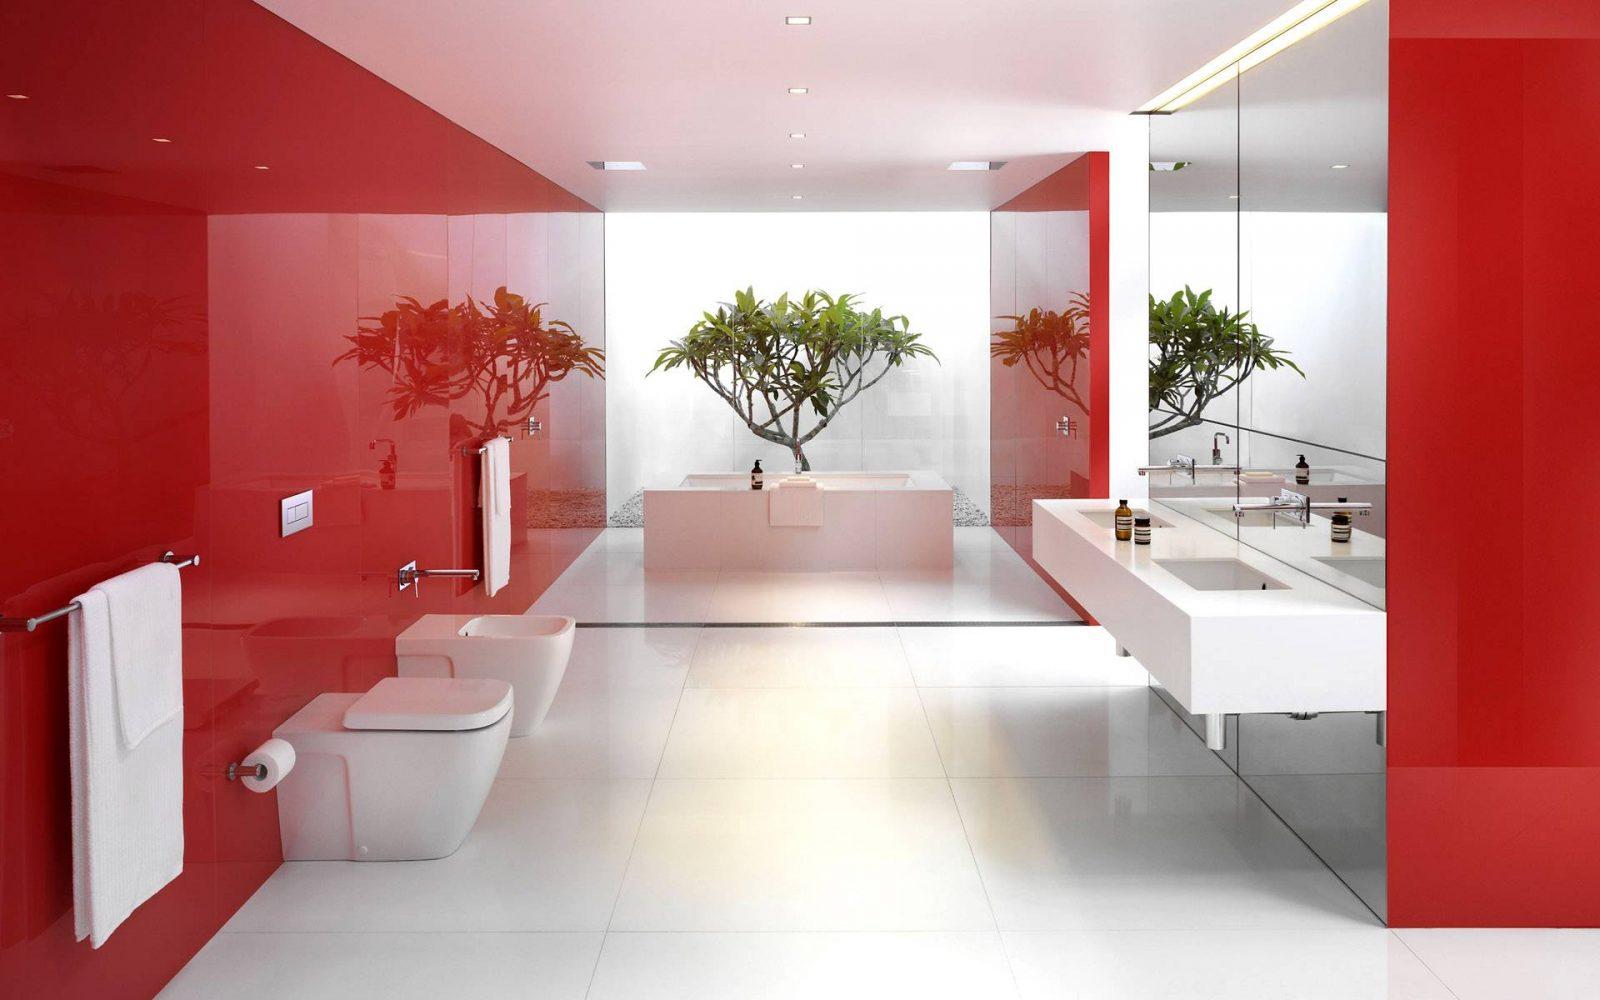 Baño De Color Rojo Deliplus:Decoracion Actual de moda: Decoración con tonos Rojos